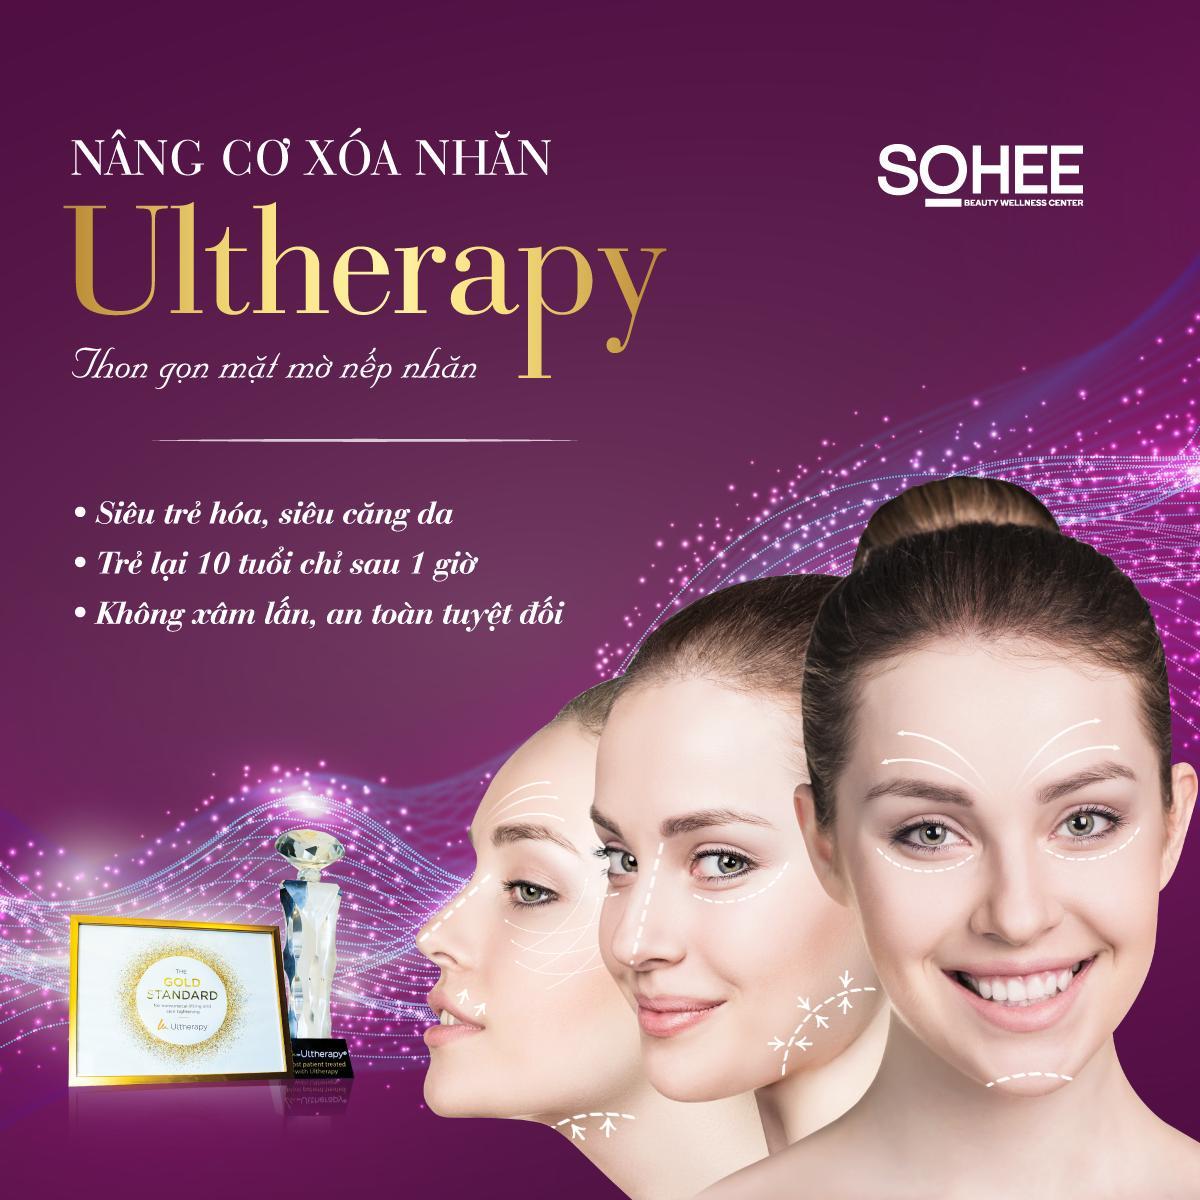 công nghệ ultherapy giá bao nhiêu, bảng giá ultherapy, chi phí nâng cơ trẻ hóa da công nghệ ultherapy, chi phí nâng cơ ultherapy, bảng giá nâng cơ trẻ hóa ultherapy, liệu trình nâng cơ trẻ hóa ultherapy giá bao nhiêu